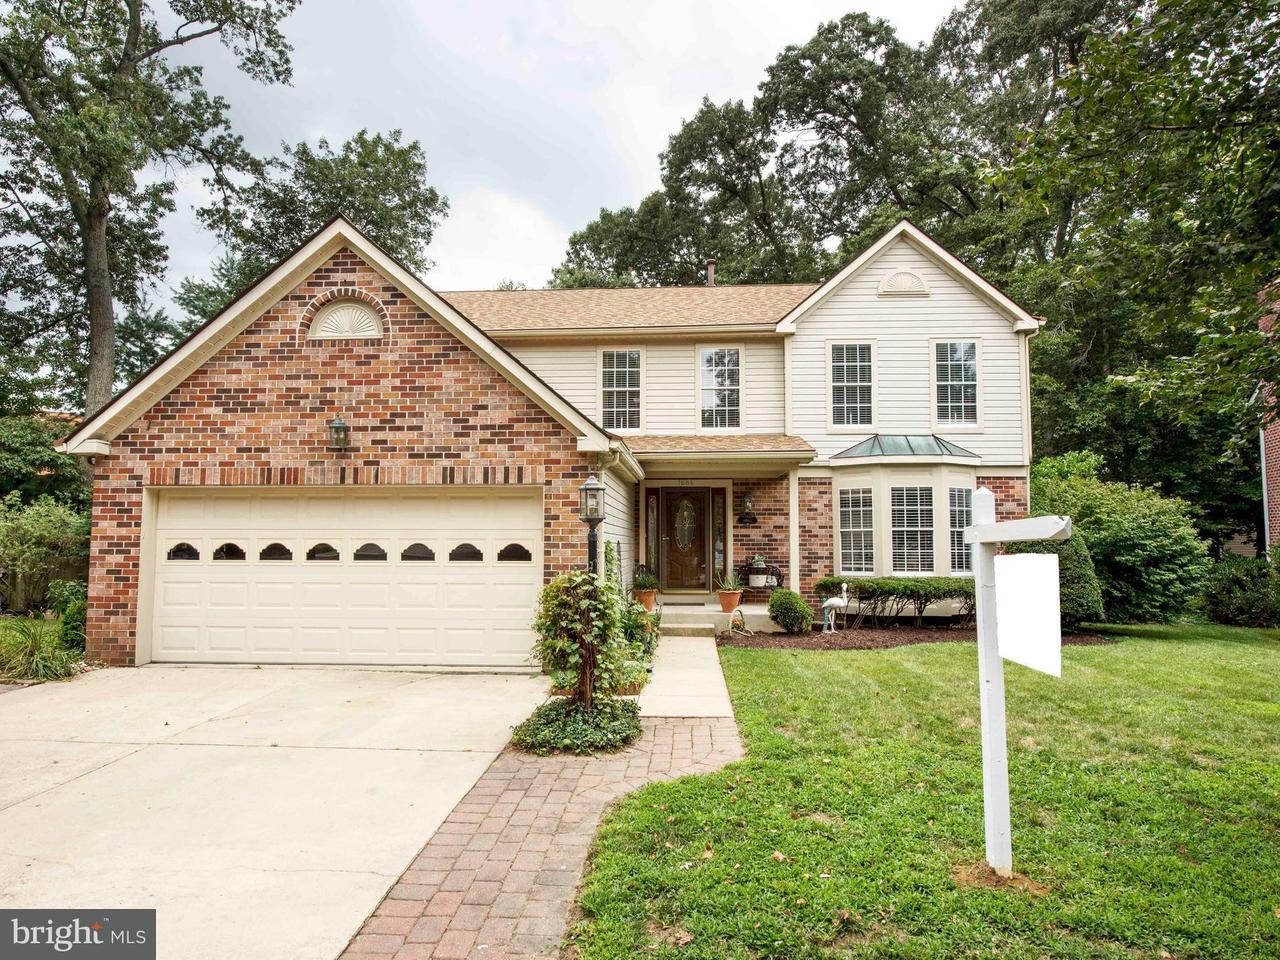 Maison unifamiliale pour l Vente à 1684 PATRICE Circle 1684 PATRICE Circle Crofton, Maryland 21114 États-Unis